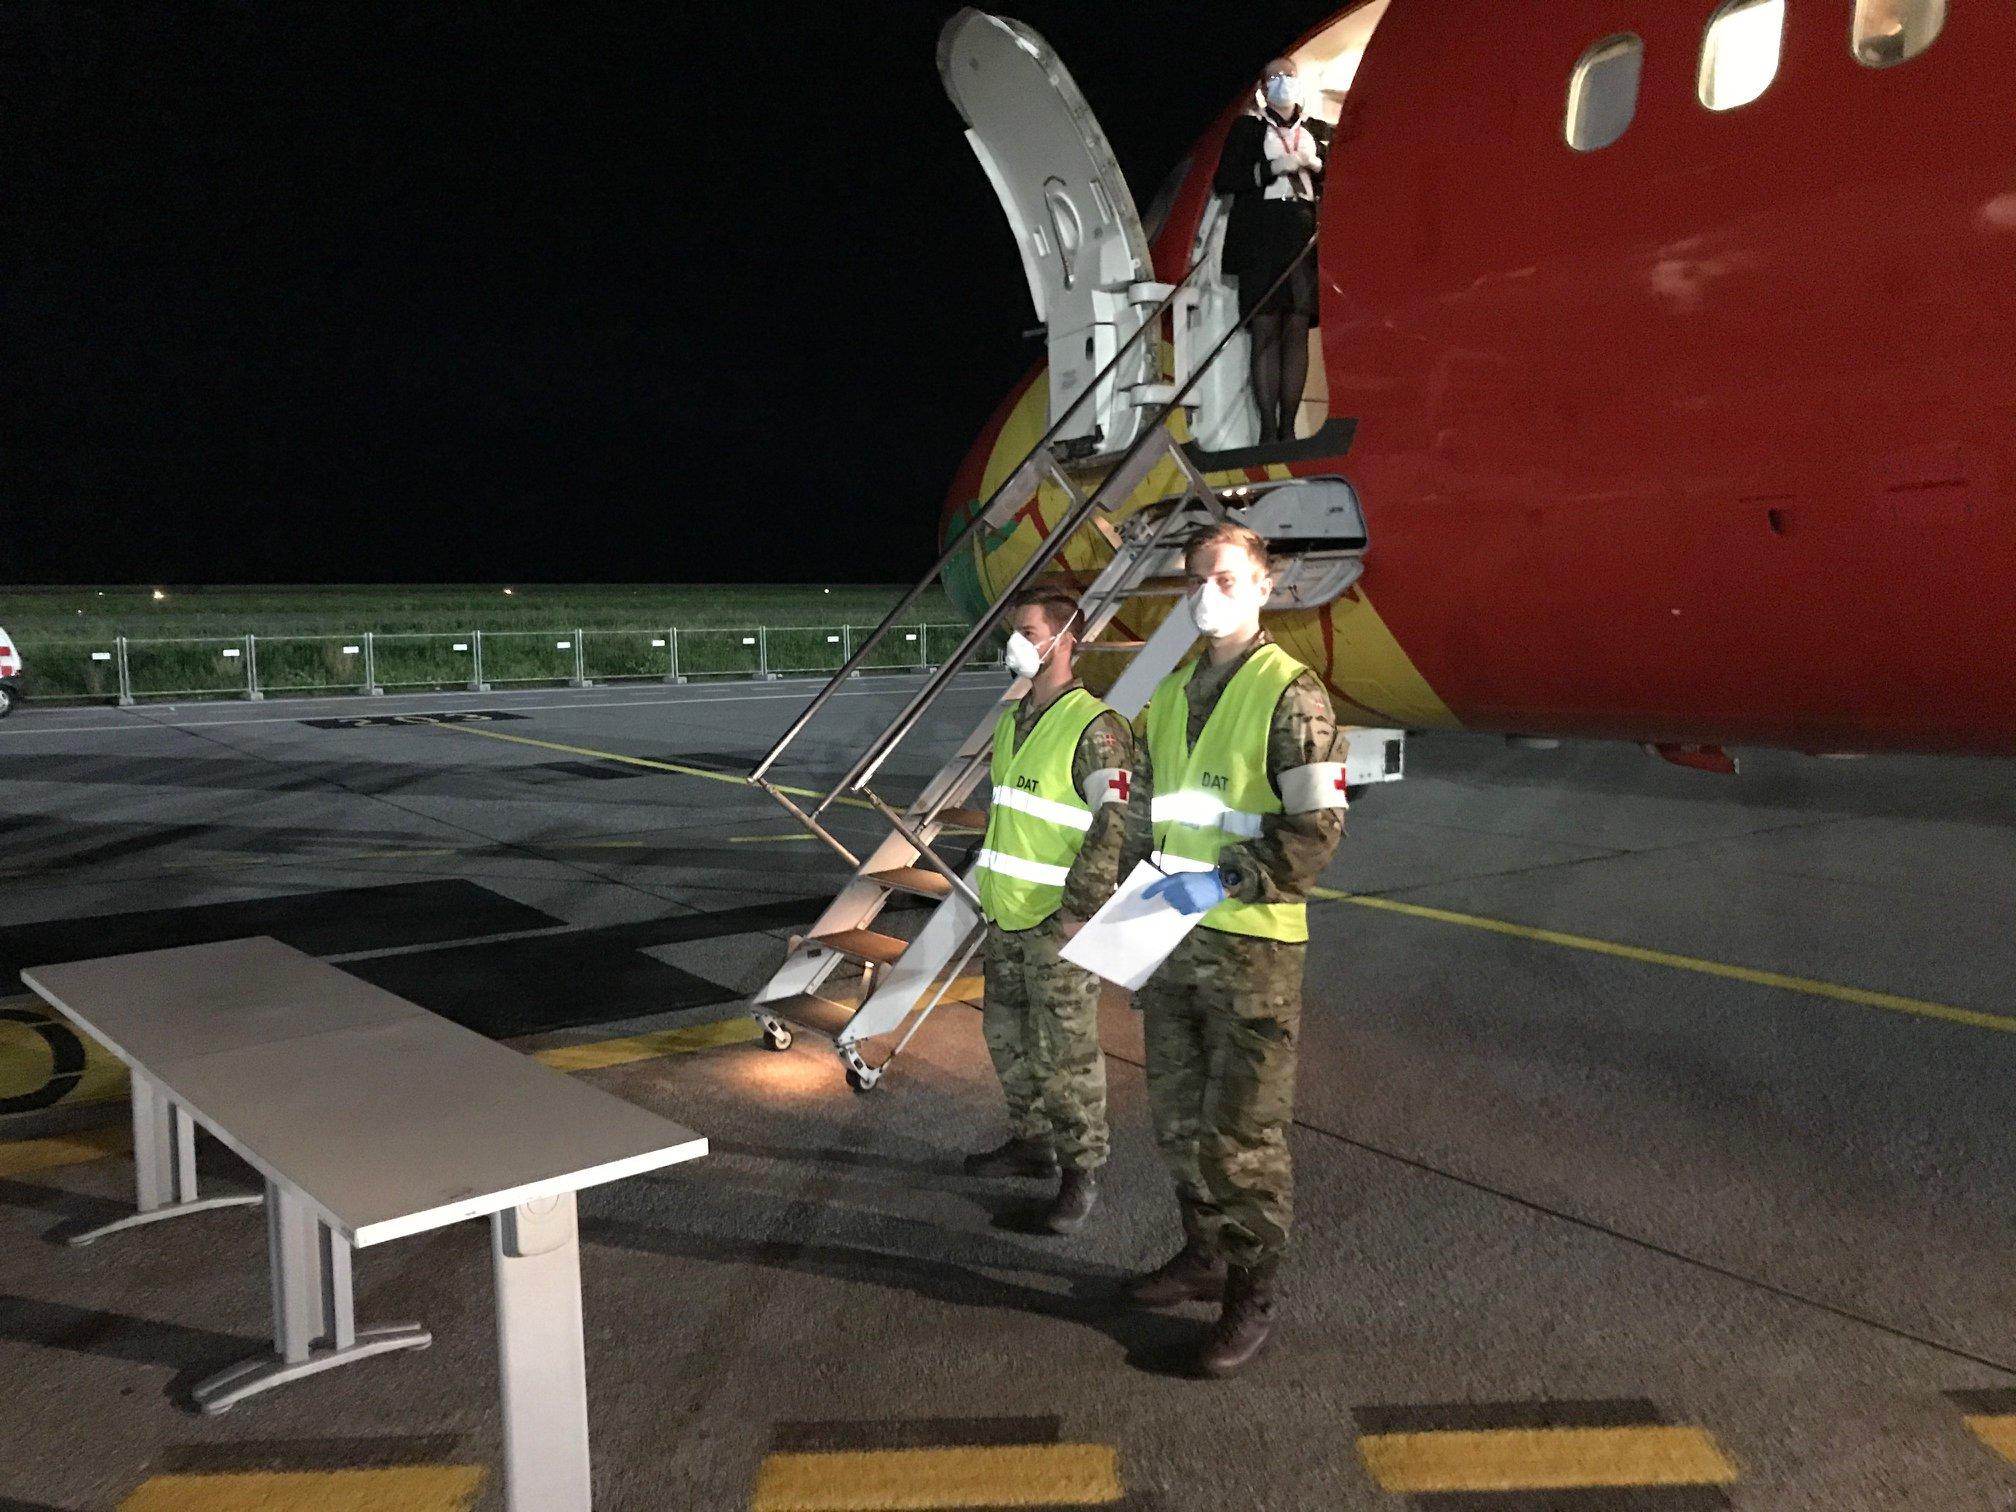 Sanitetspersonale fra Forsvaret tog imod passagererne ved DAT-flyet i lufthavnen i Genova. (Foto: Udenrigsministeriet)